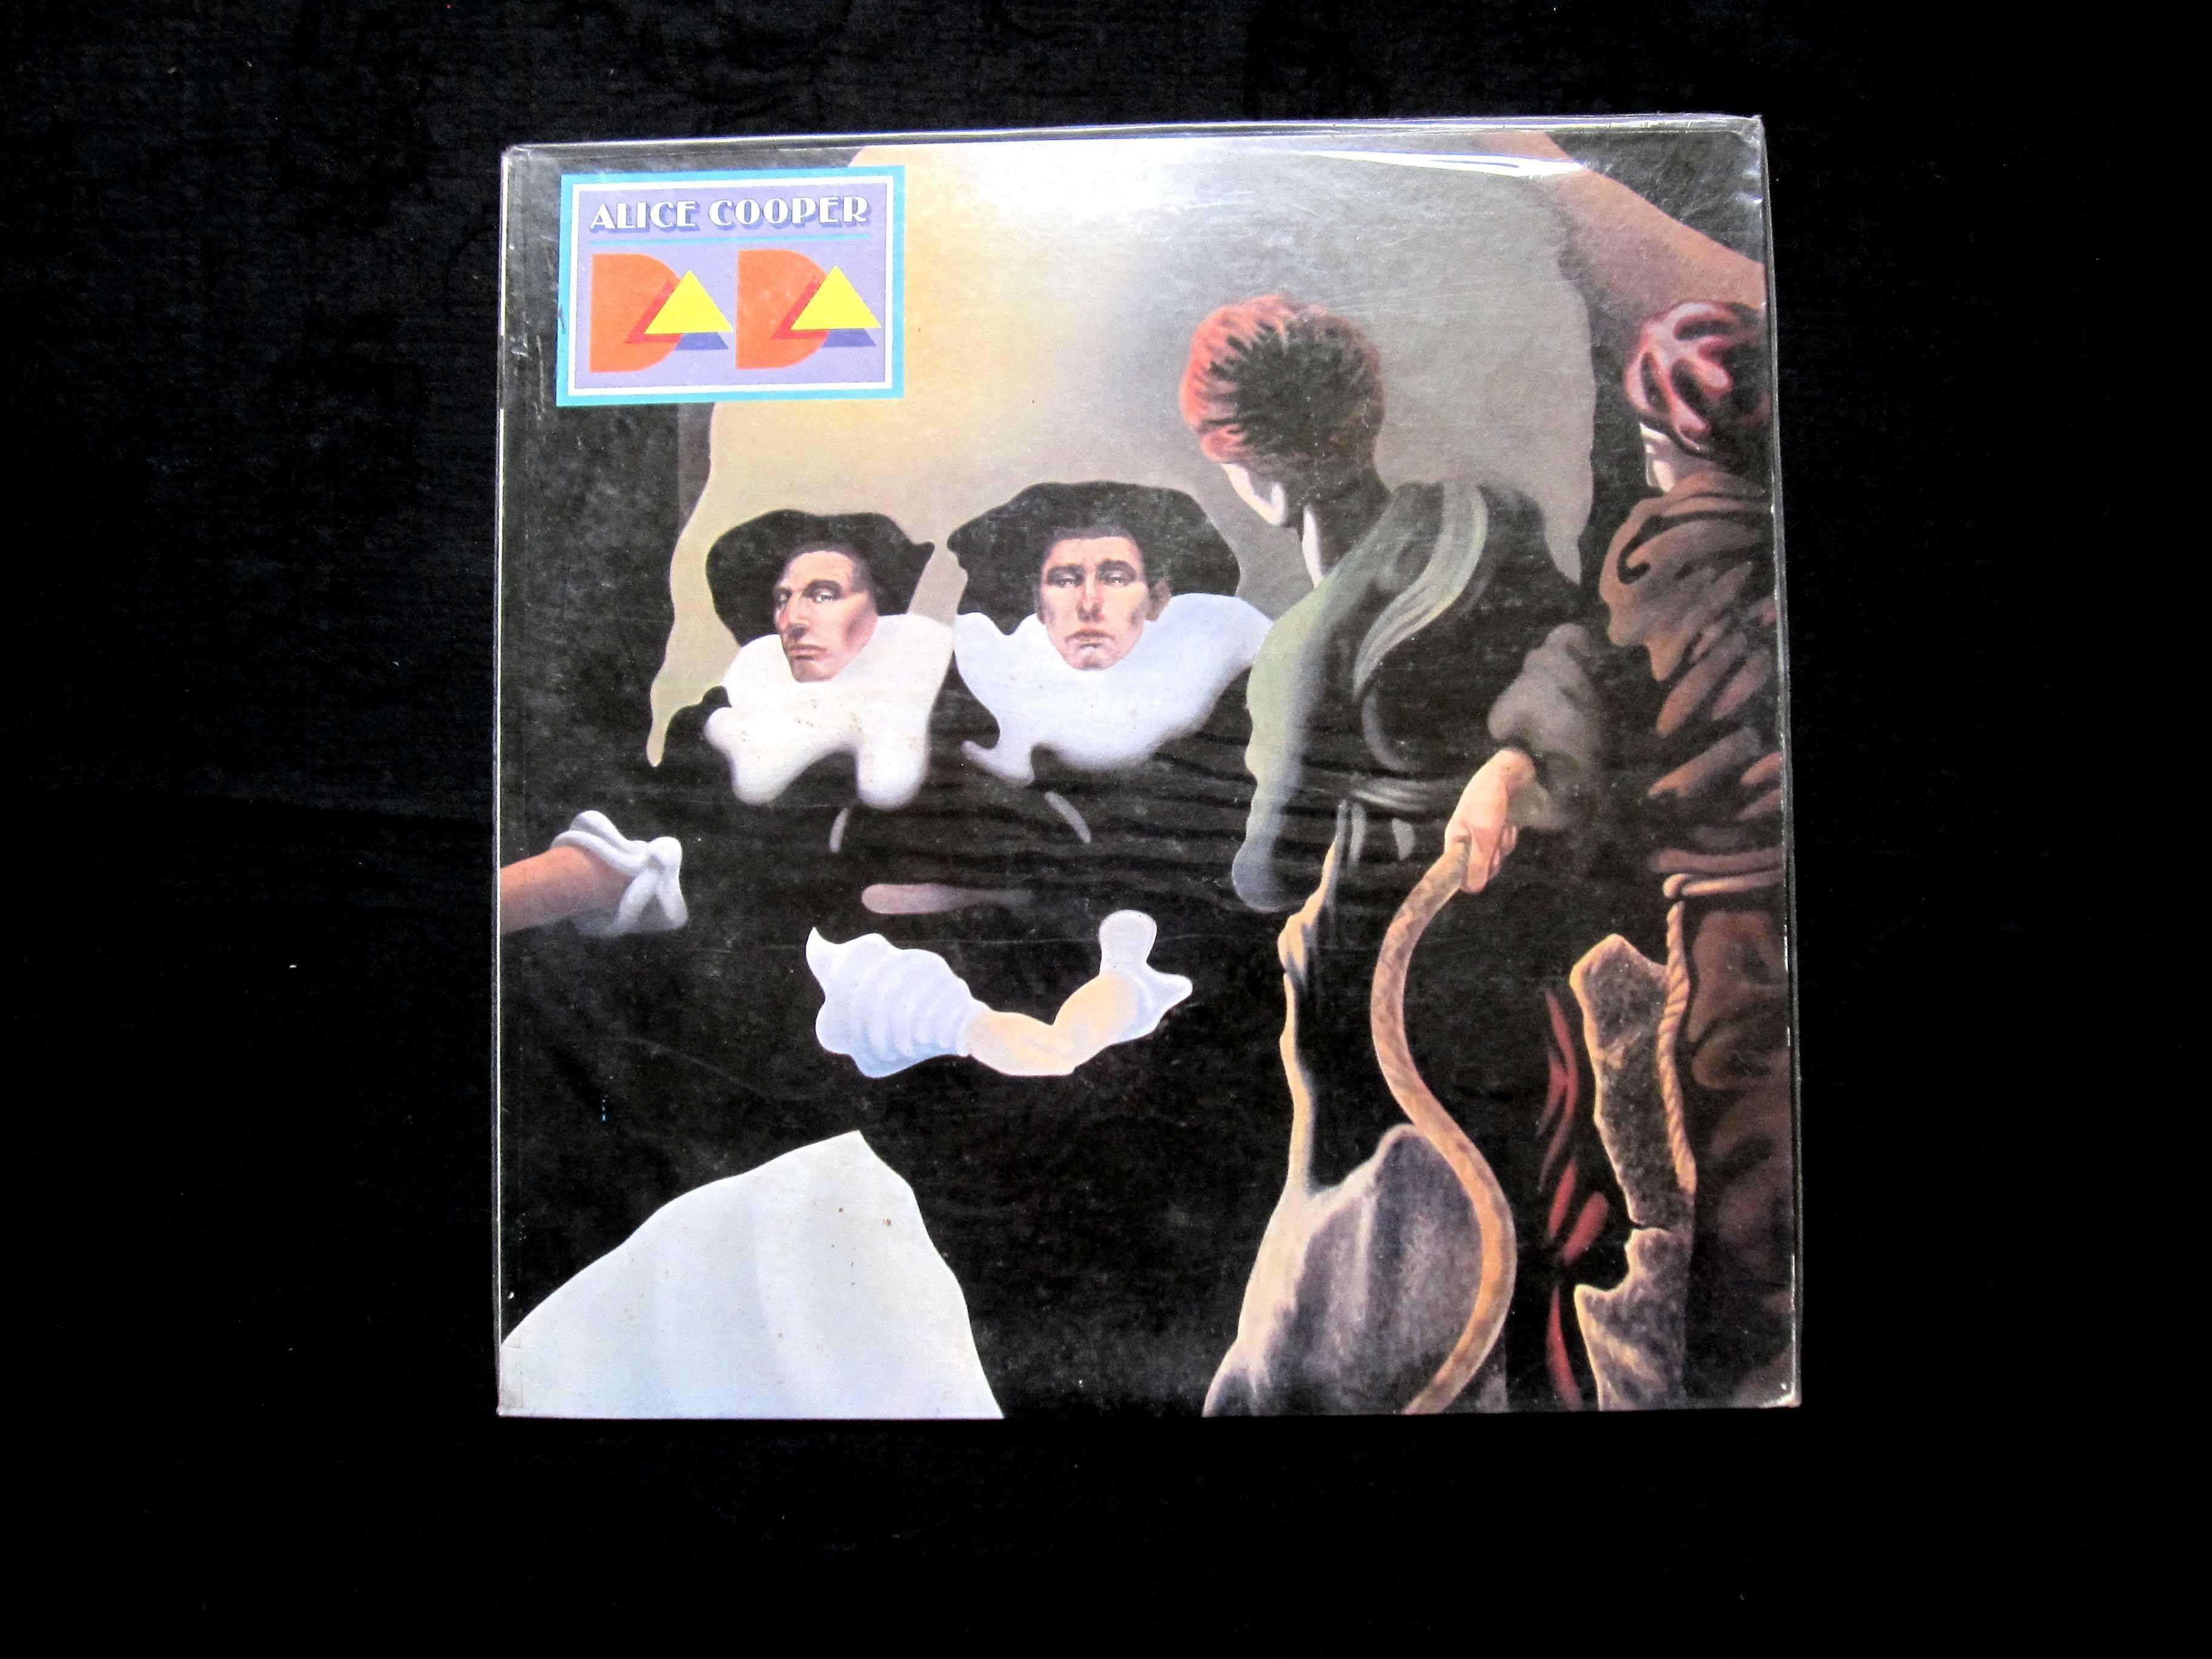 絕版黑膠唱片----懷念西洋老歌33(原封未拆)--請參閱圖檔----A3